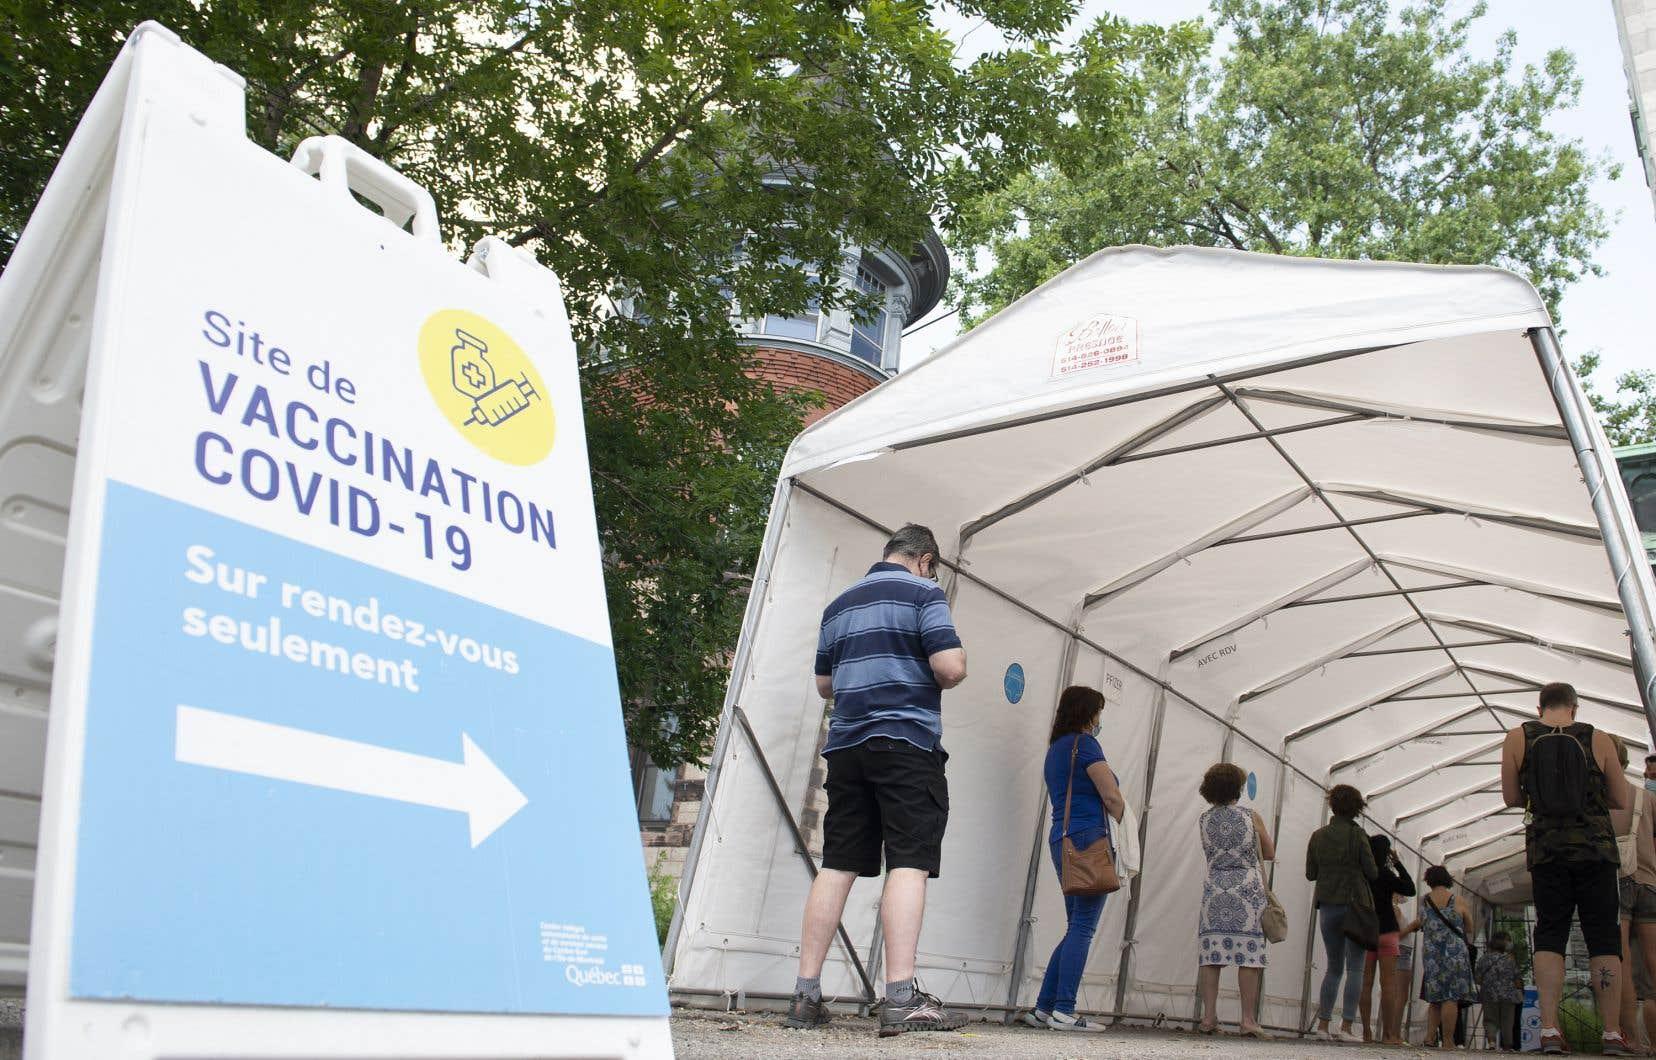 Le Québec n'a atteint qu'un des deux objectifs, soit la vaccination de 75% de sa population. Il s'approche toutefoisdu second, soit l'administration d'unedeuxième dose à 20% de sa population.